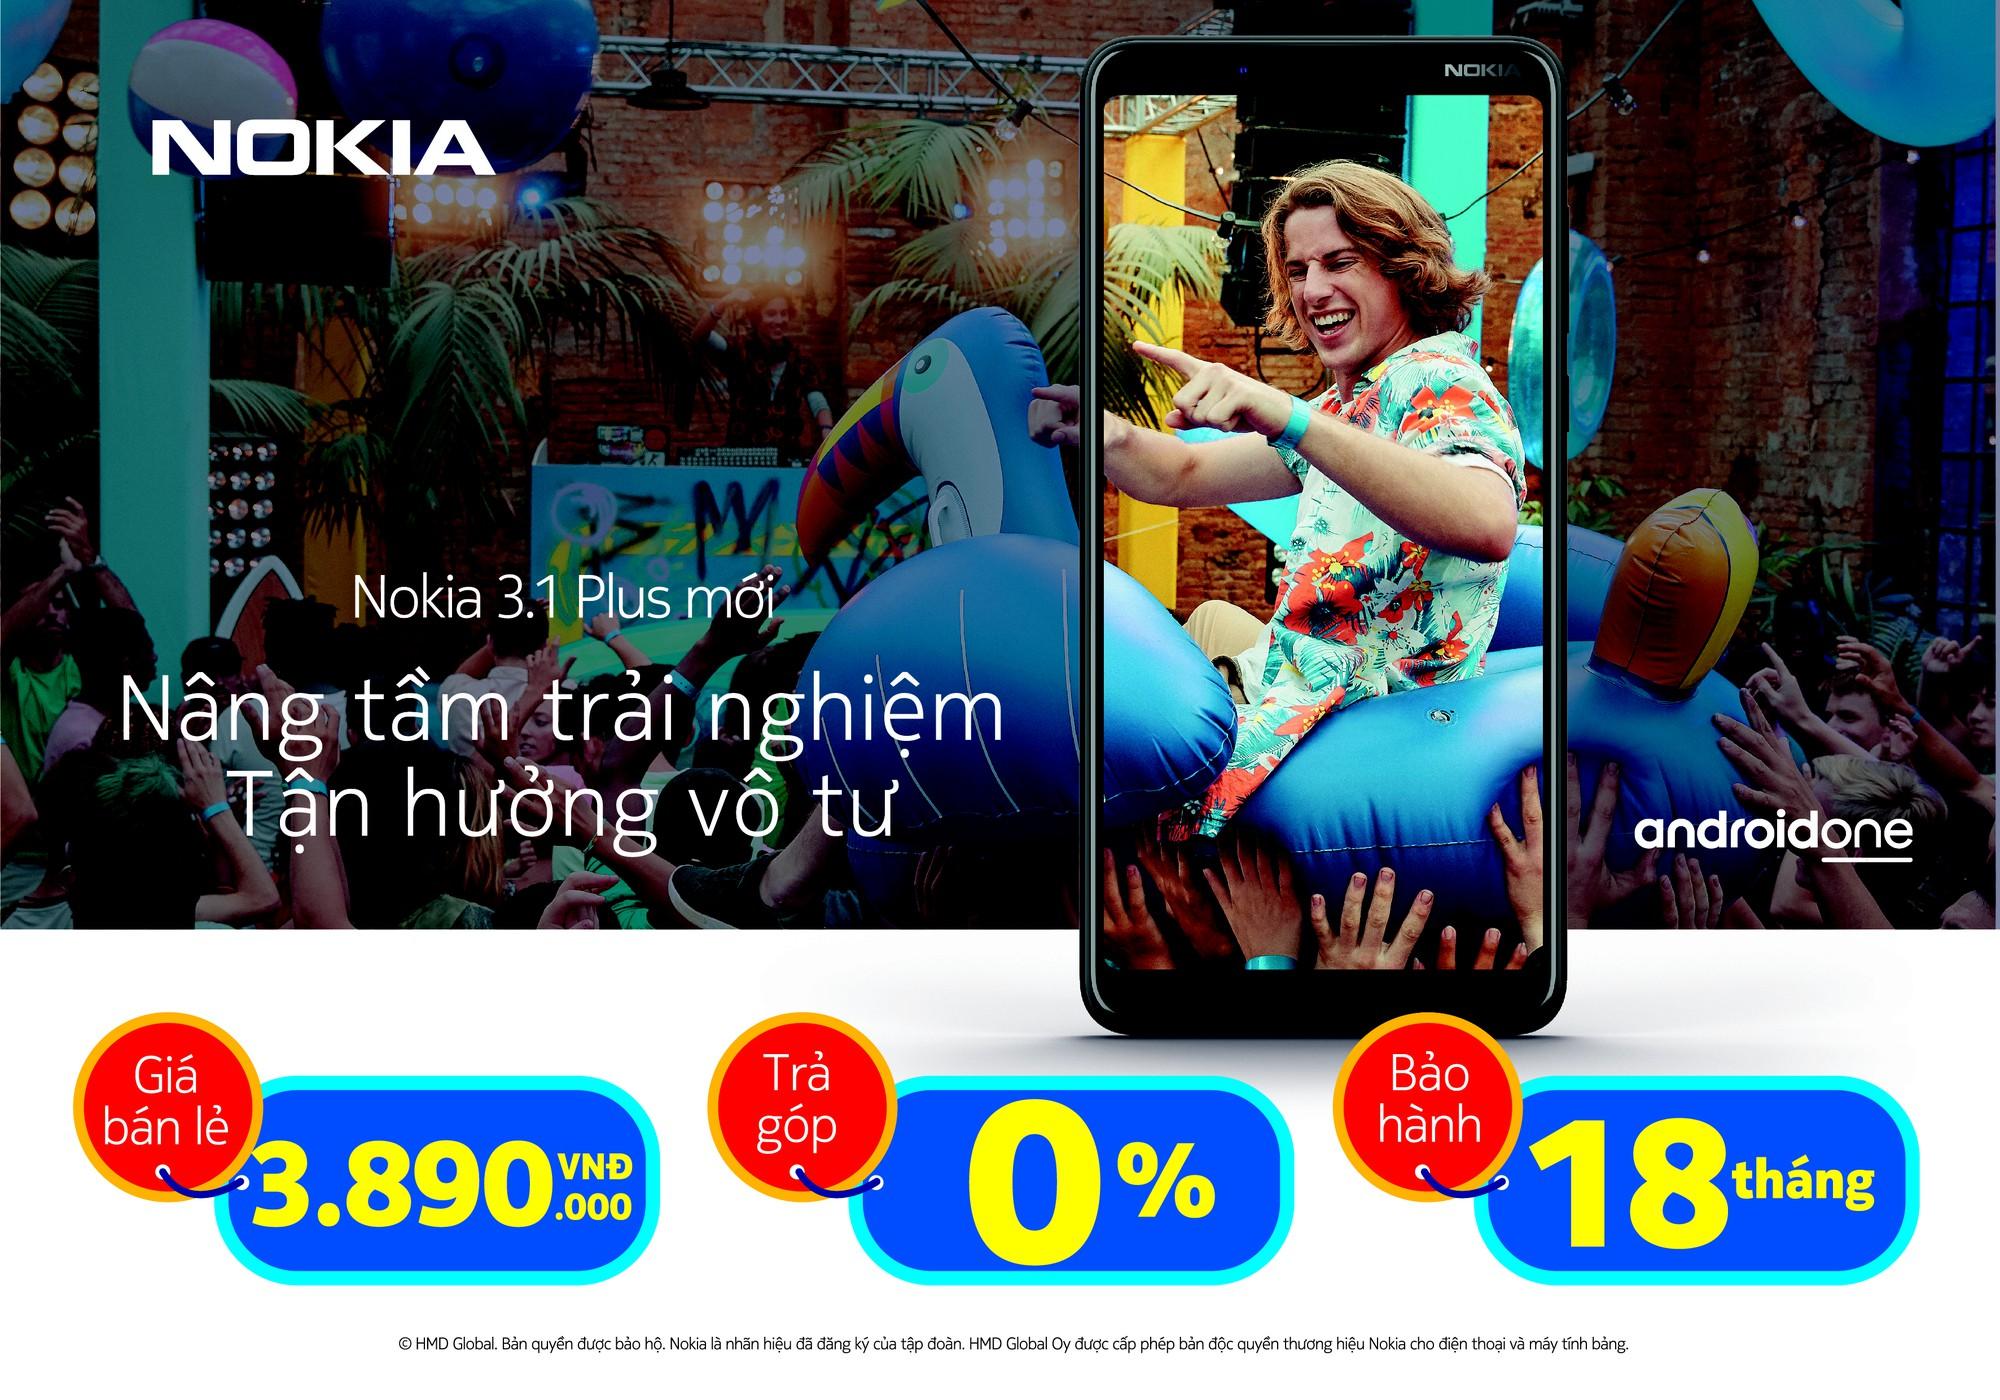 """Cùng Nokia 3.1 Plus và kế hoạch hưởng xuân cực """"chất"""" với mức giá """"siêu mềm"""" - Ảnh 4."""